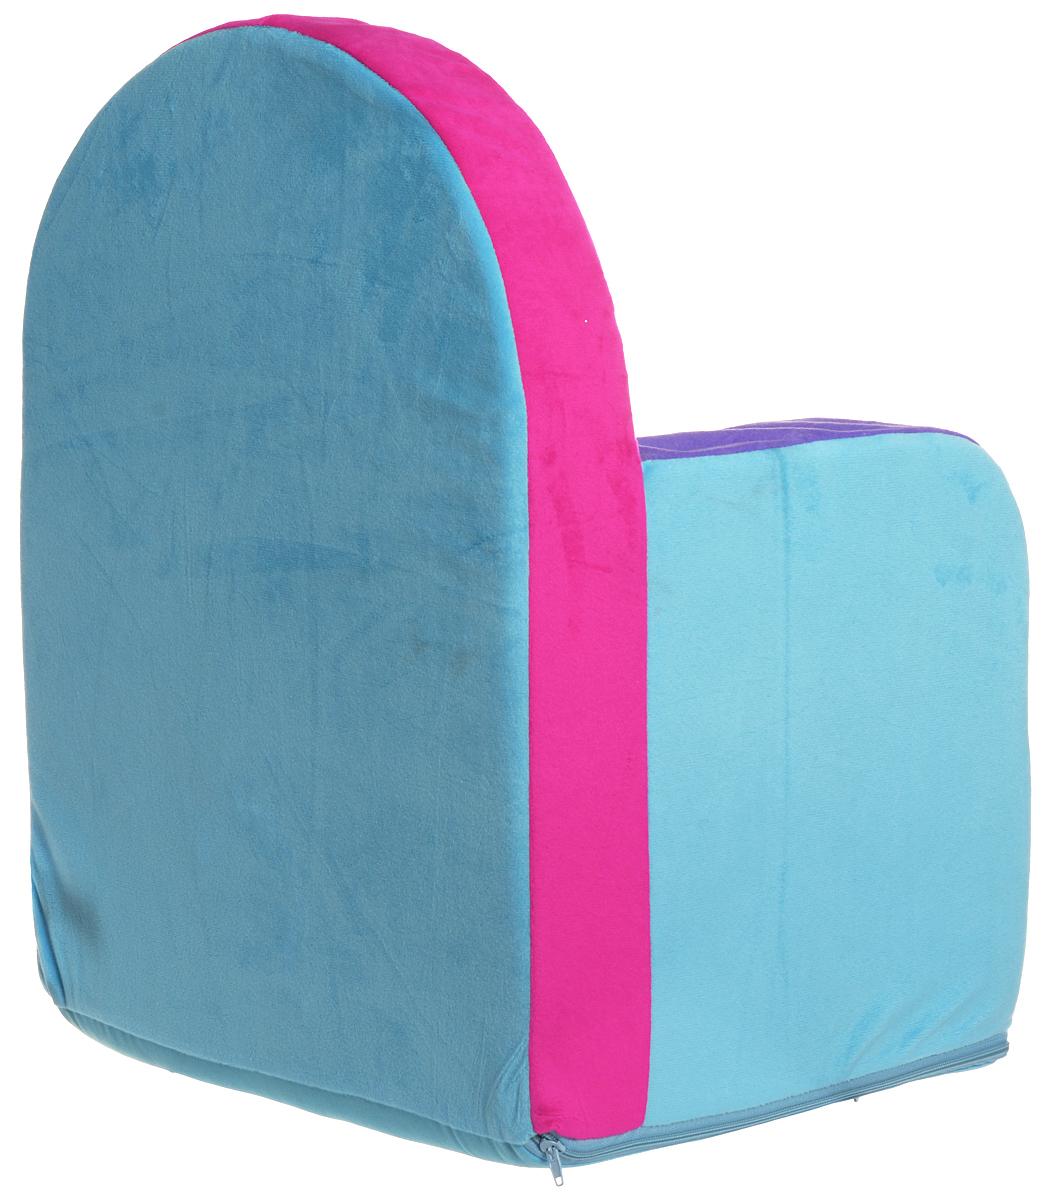 СмолТойс Мягкая игрушка Кресло Маша и Медведь цвет голубой 54 см ( 2021/ГЛ-2/53 )